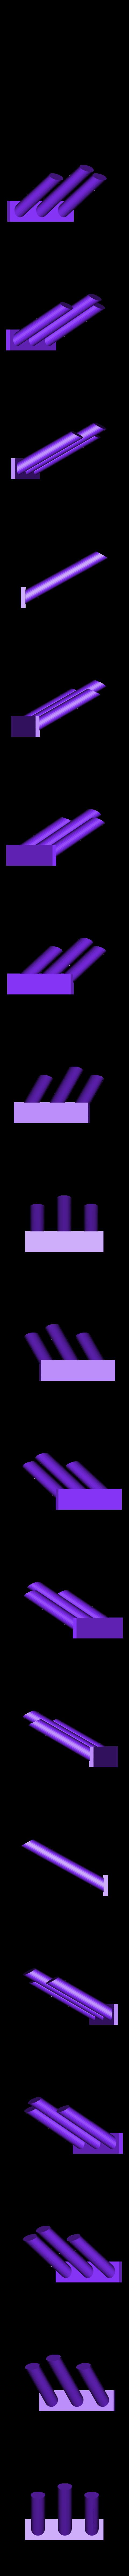 guns.stl Télécharger fichier STL gratuit La Batmobile classique • Design imprimable en 3D, Girthnath